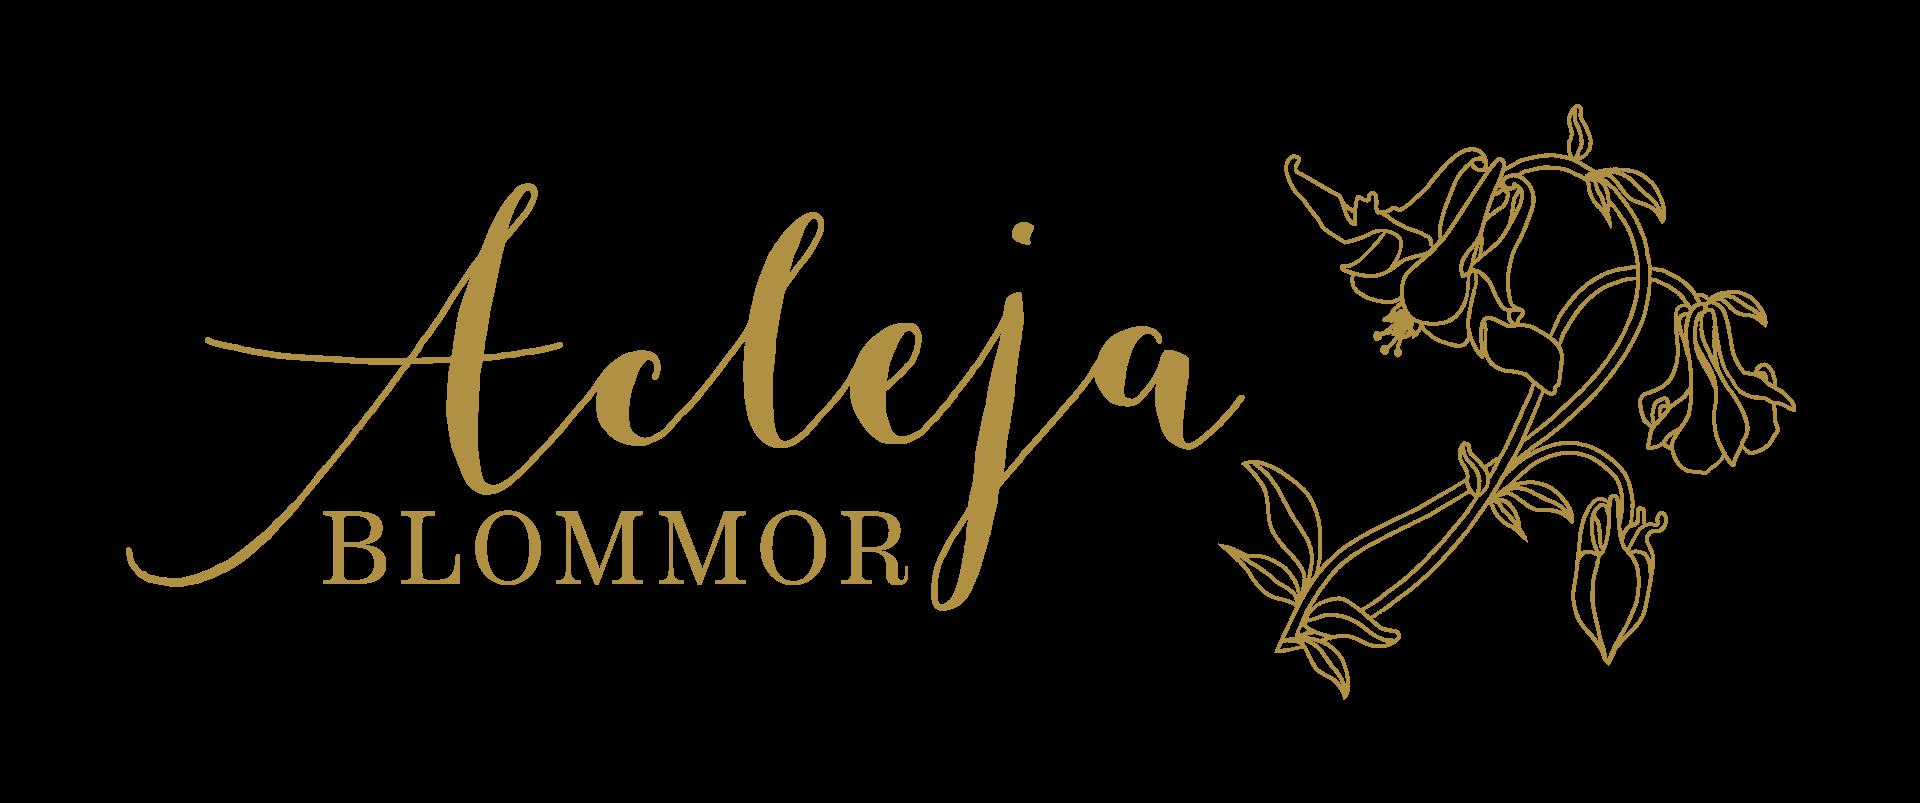 Logotyp åt Acleja blomsterhandel